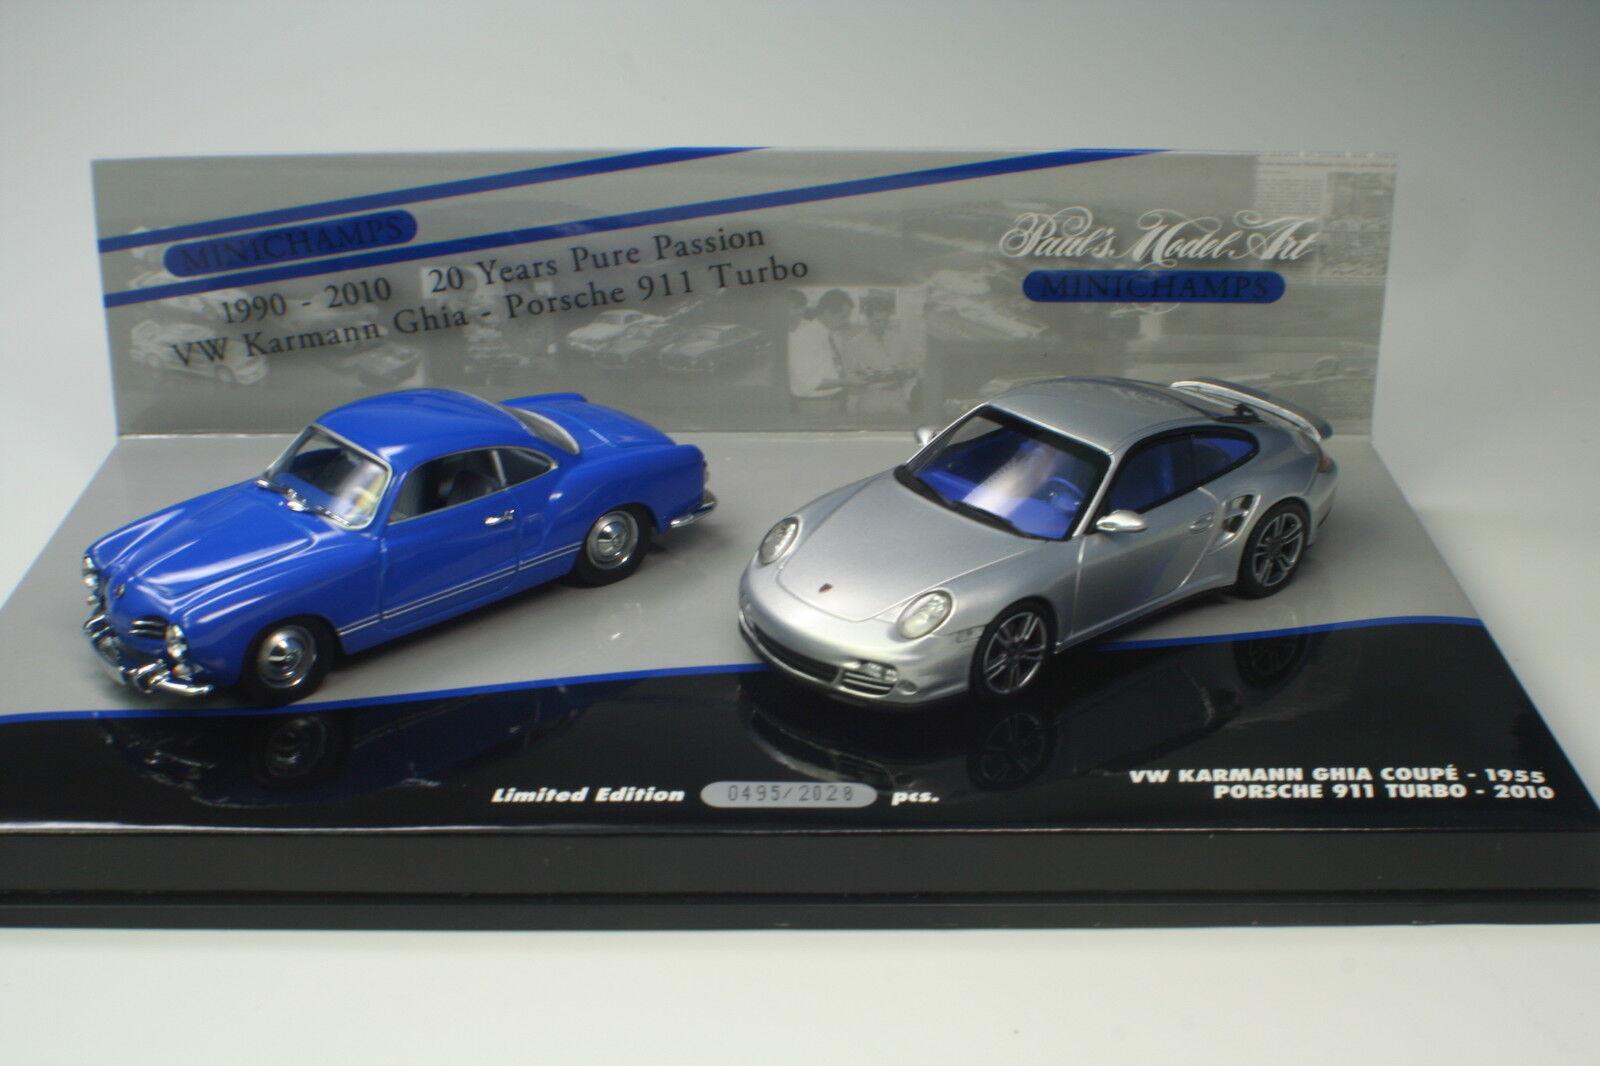 VW Karmann Ghia-PORSCHE 911 TURBO 1990 - 2010 Minichamps 1 43 Nouveau neuf dans sa boîte